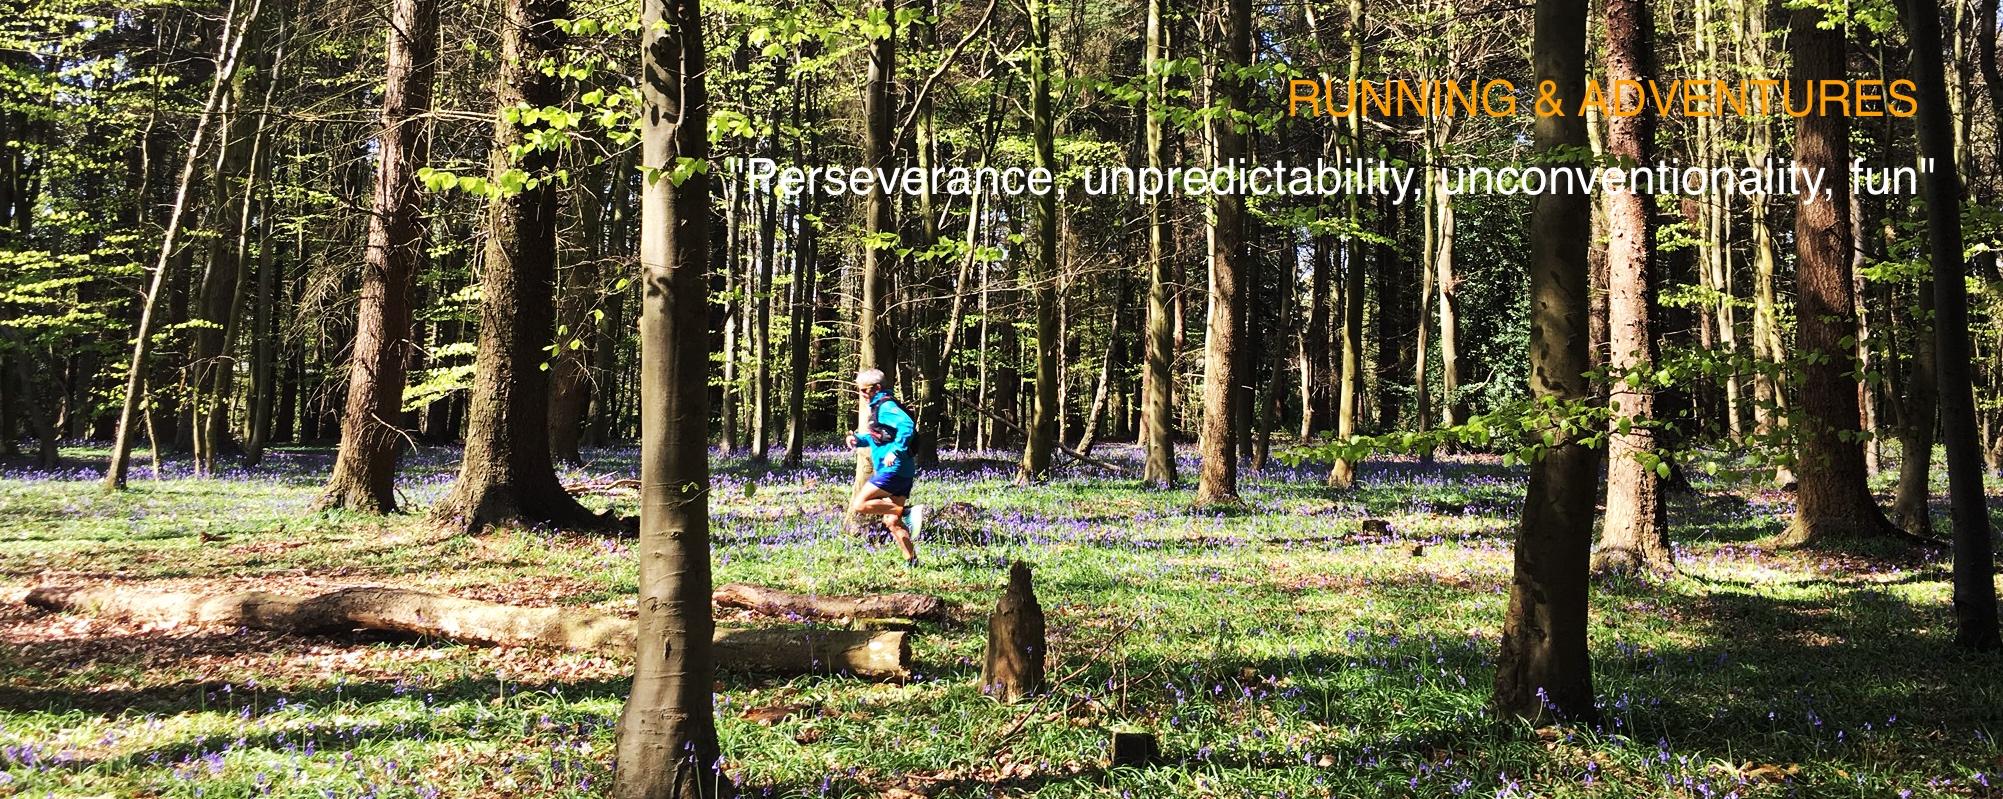 running_adventure